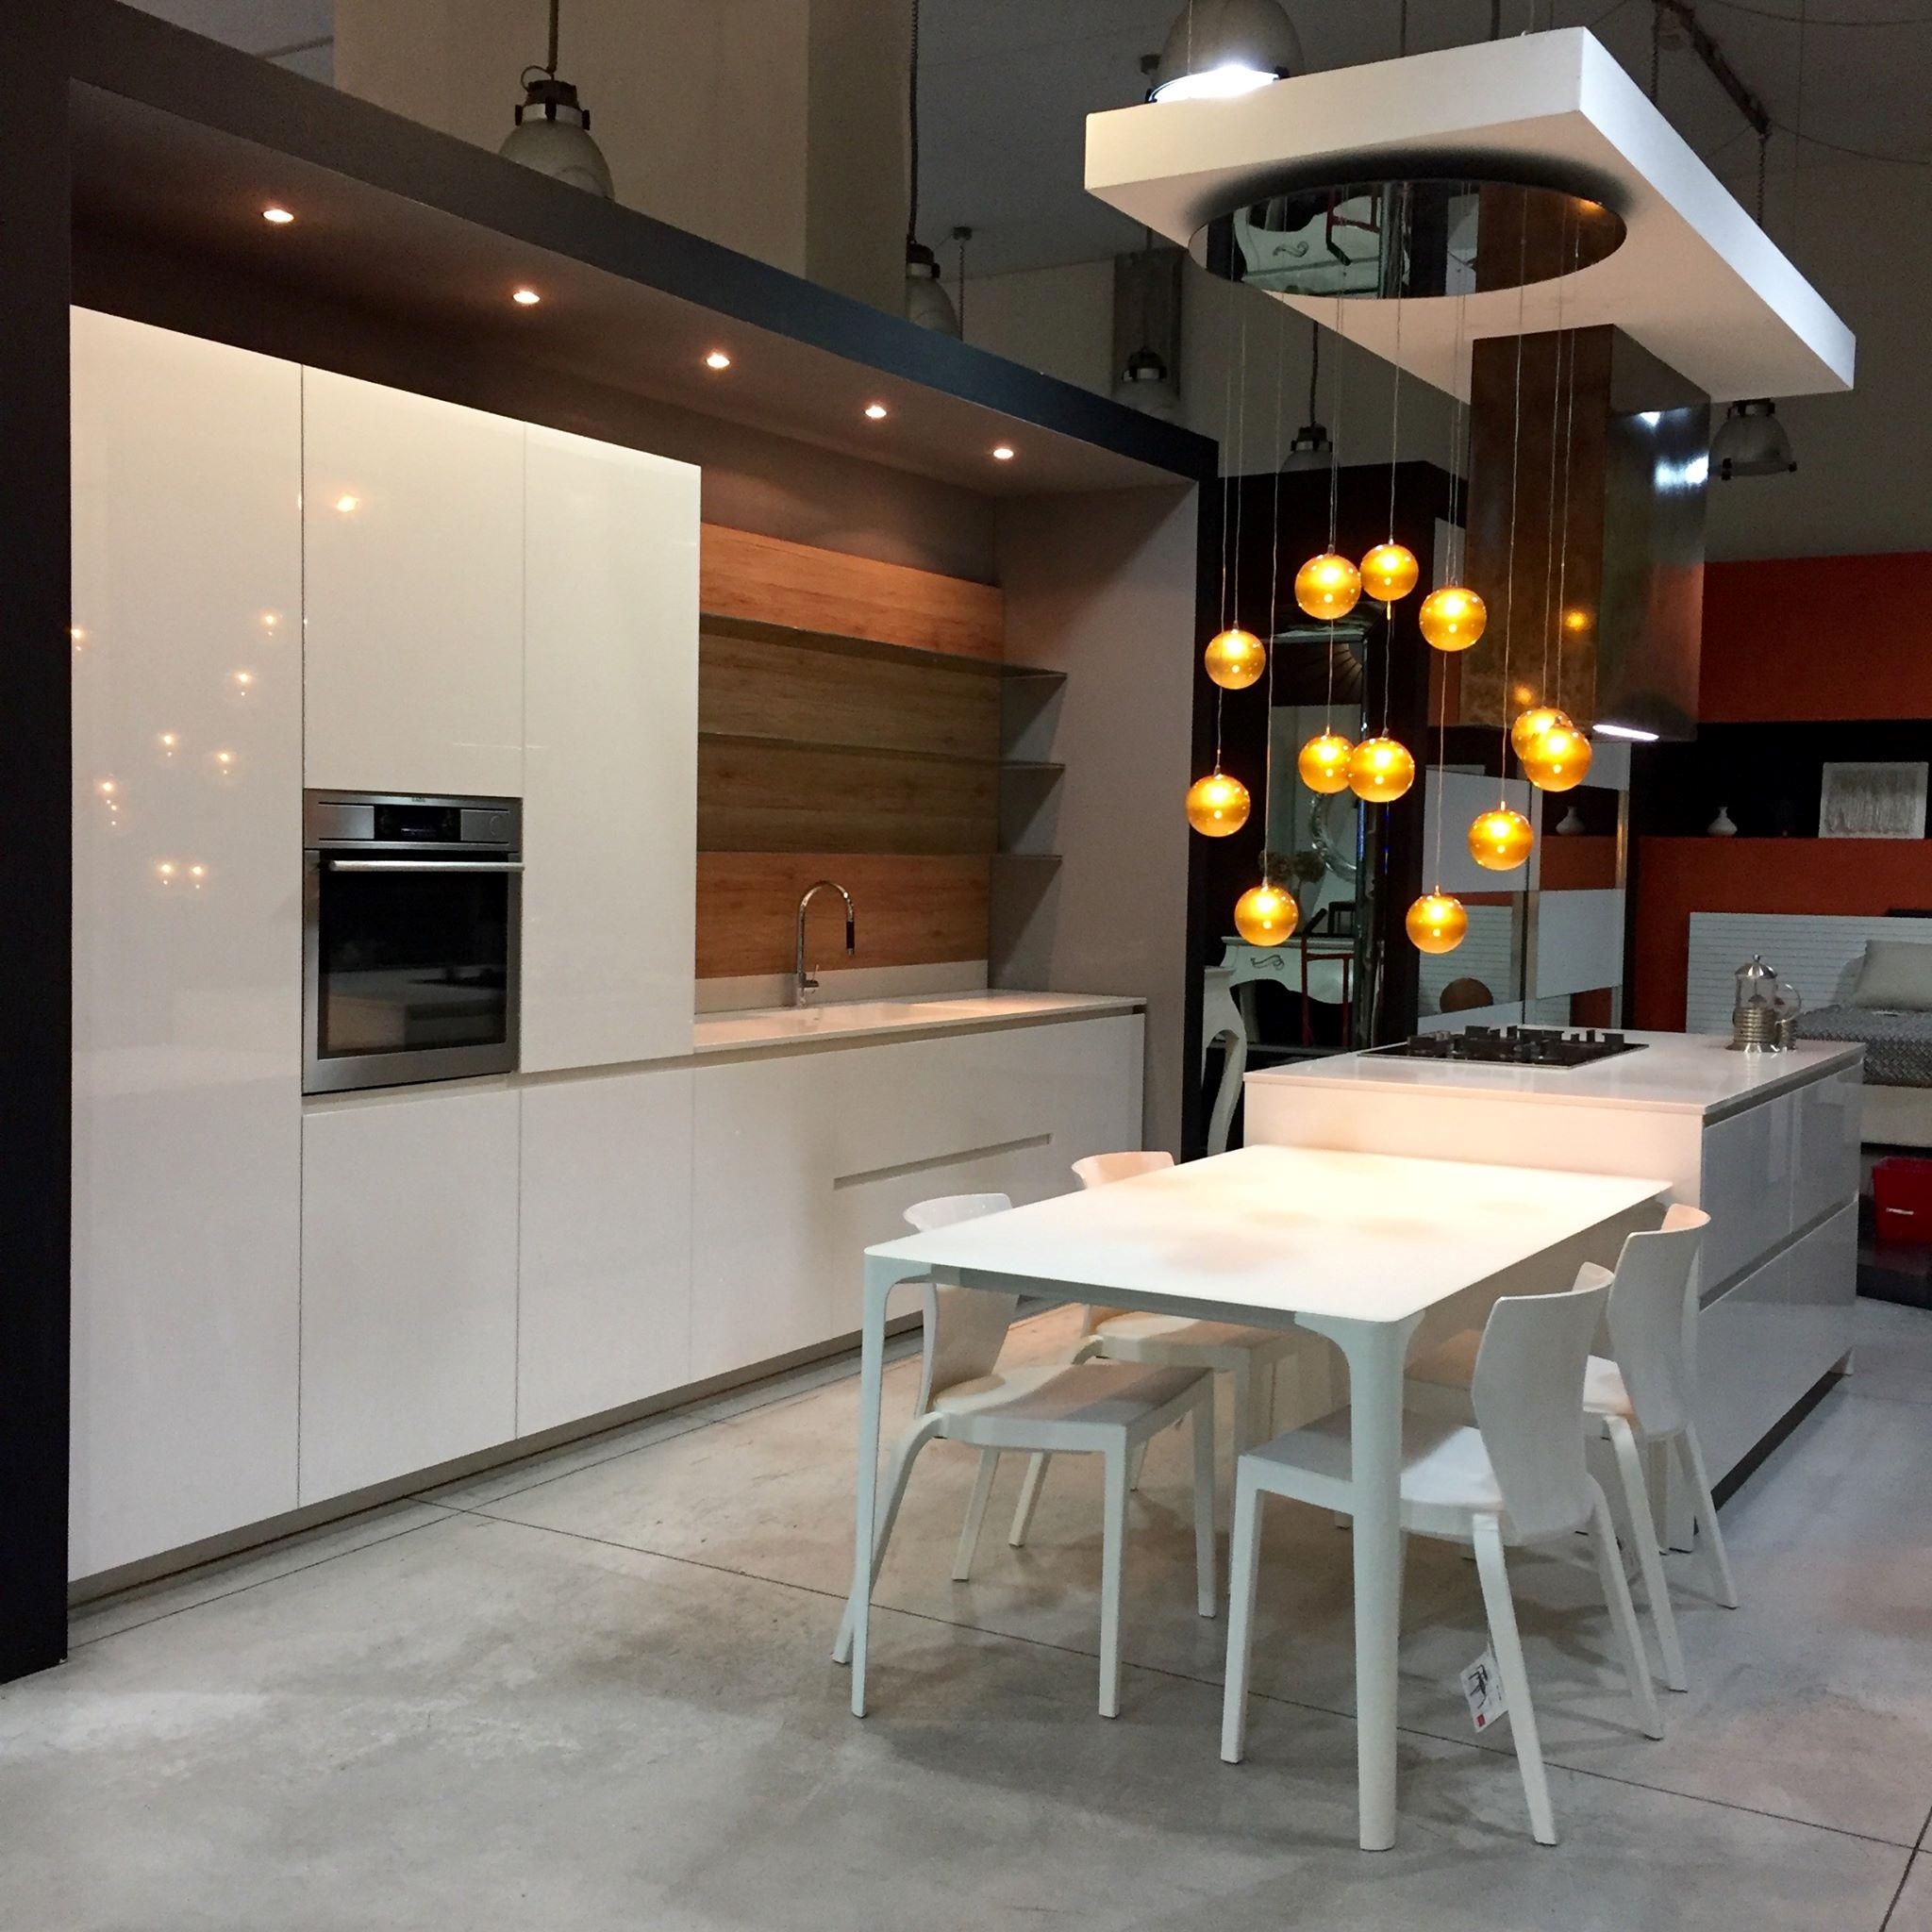 Emejing elmar cucine catalogo pictures ideas design for Cucine design